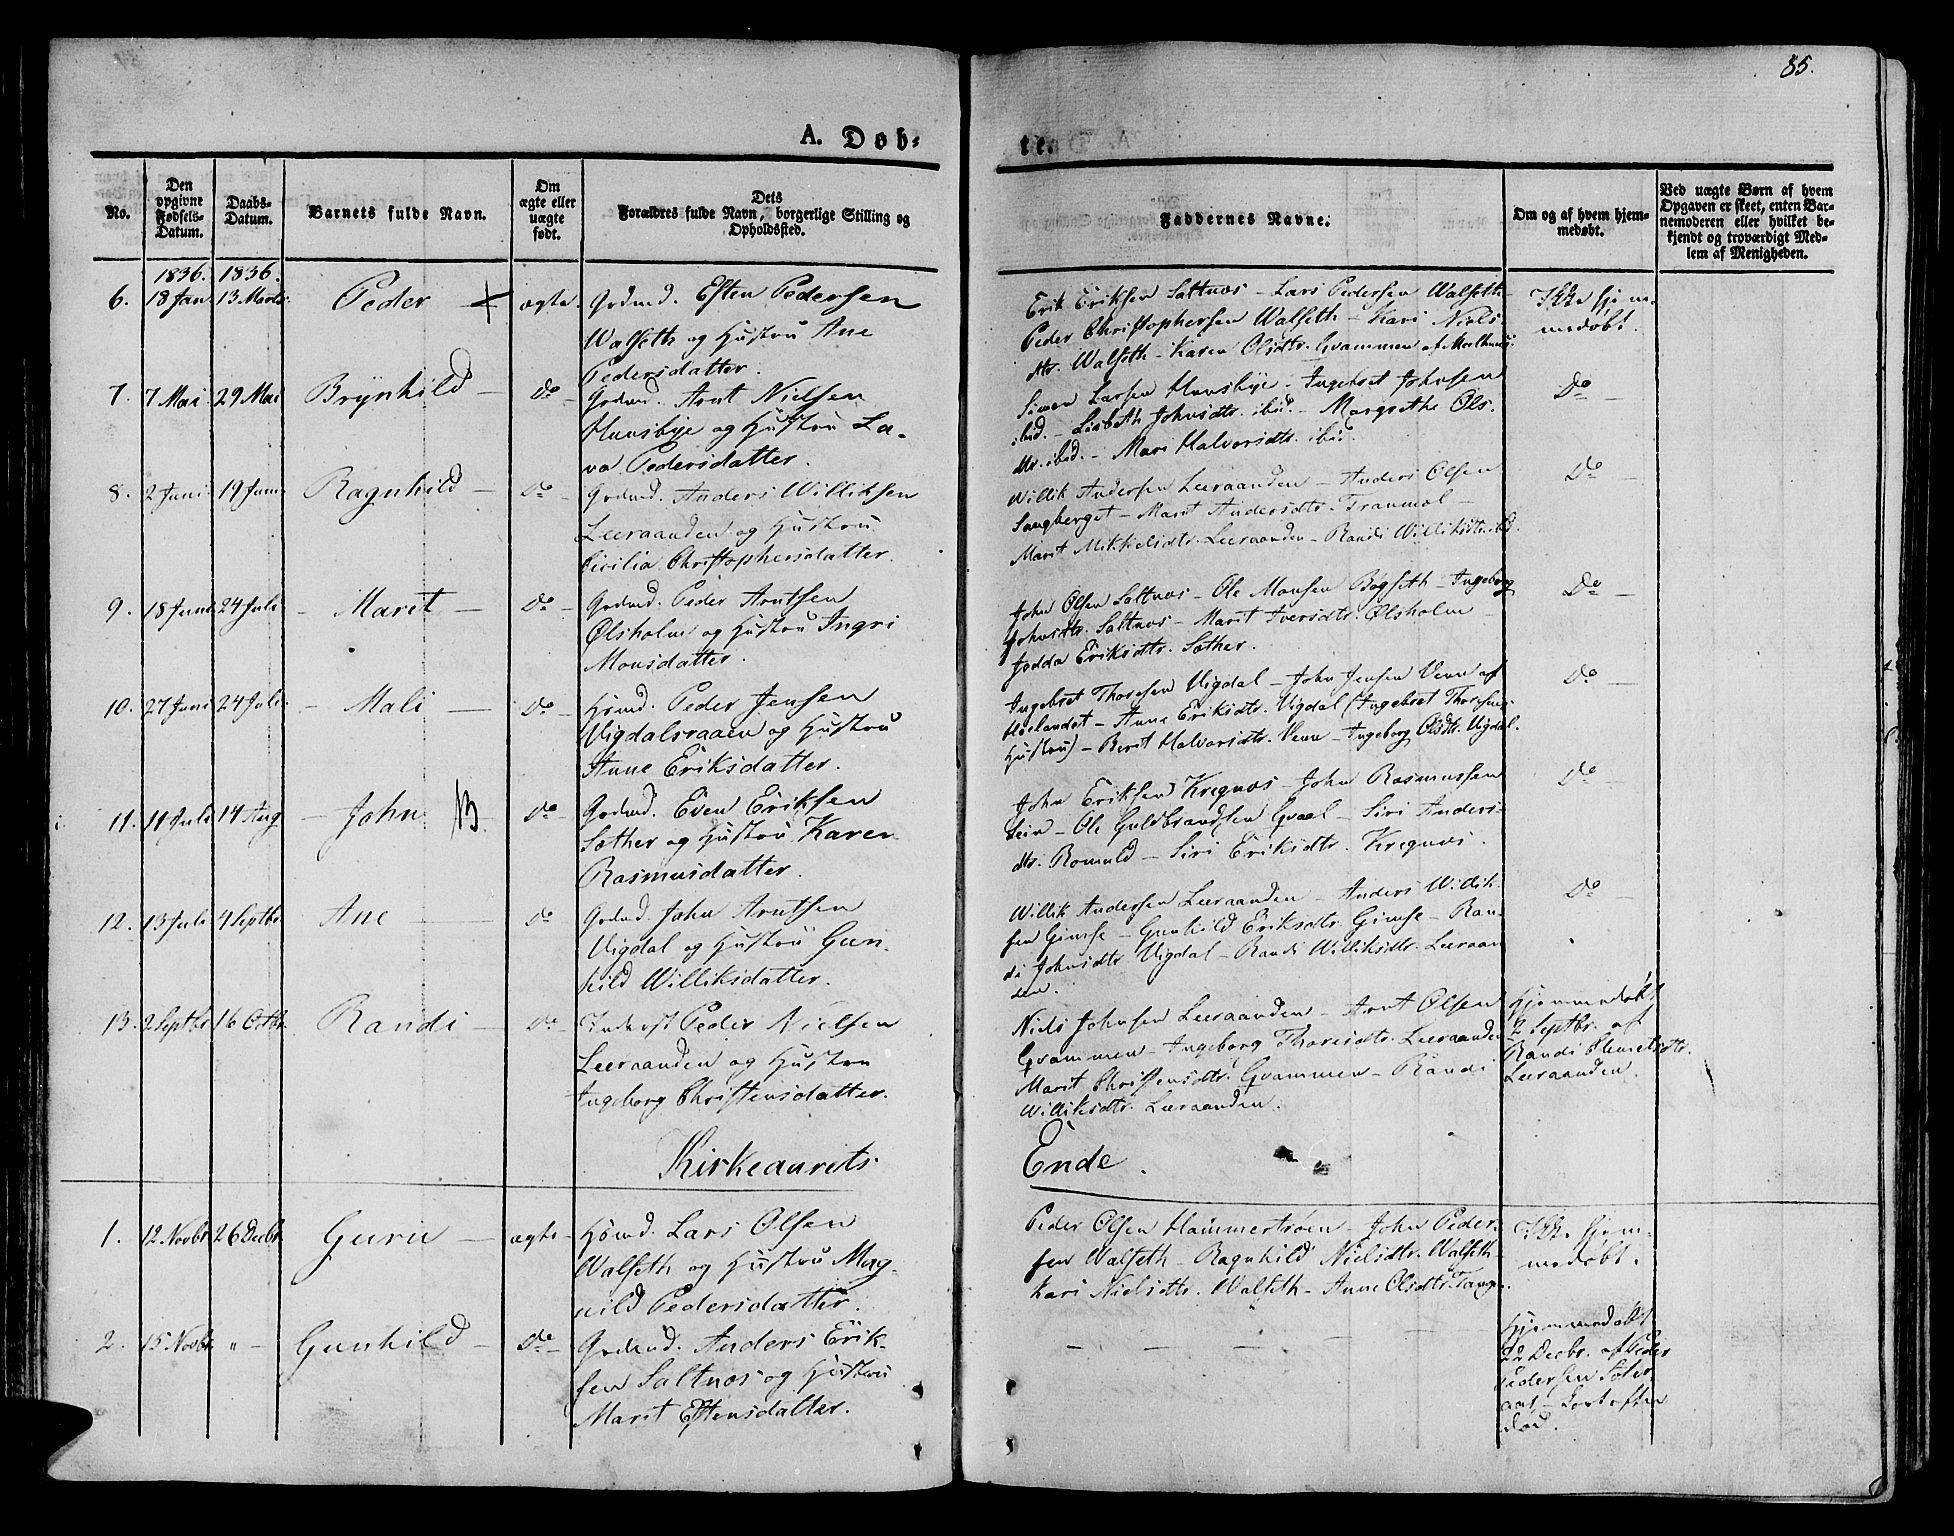 SAT, Ministerialprotokoller, klokkerbøker og fødselsregistre - Sør-Trøndelag, 612/L0375: Ministerialbok nr. 612A07 /2, 1829-1845, s. 85